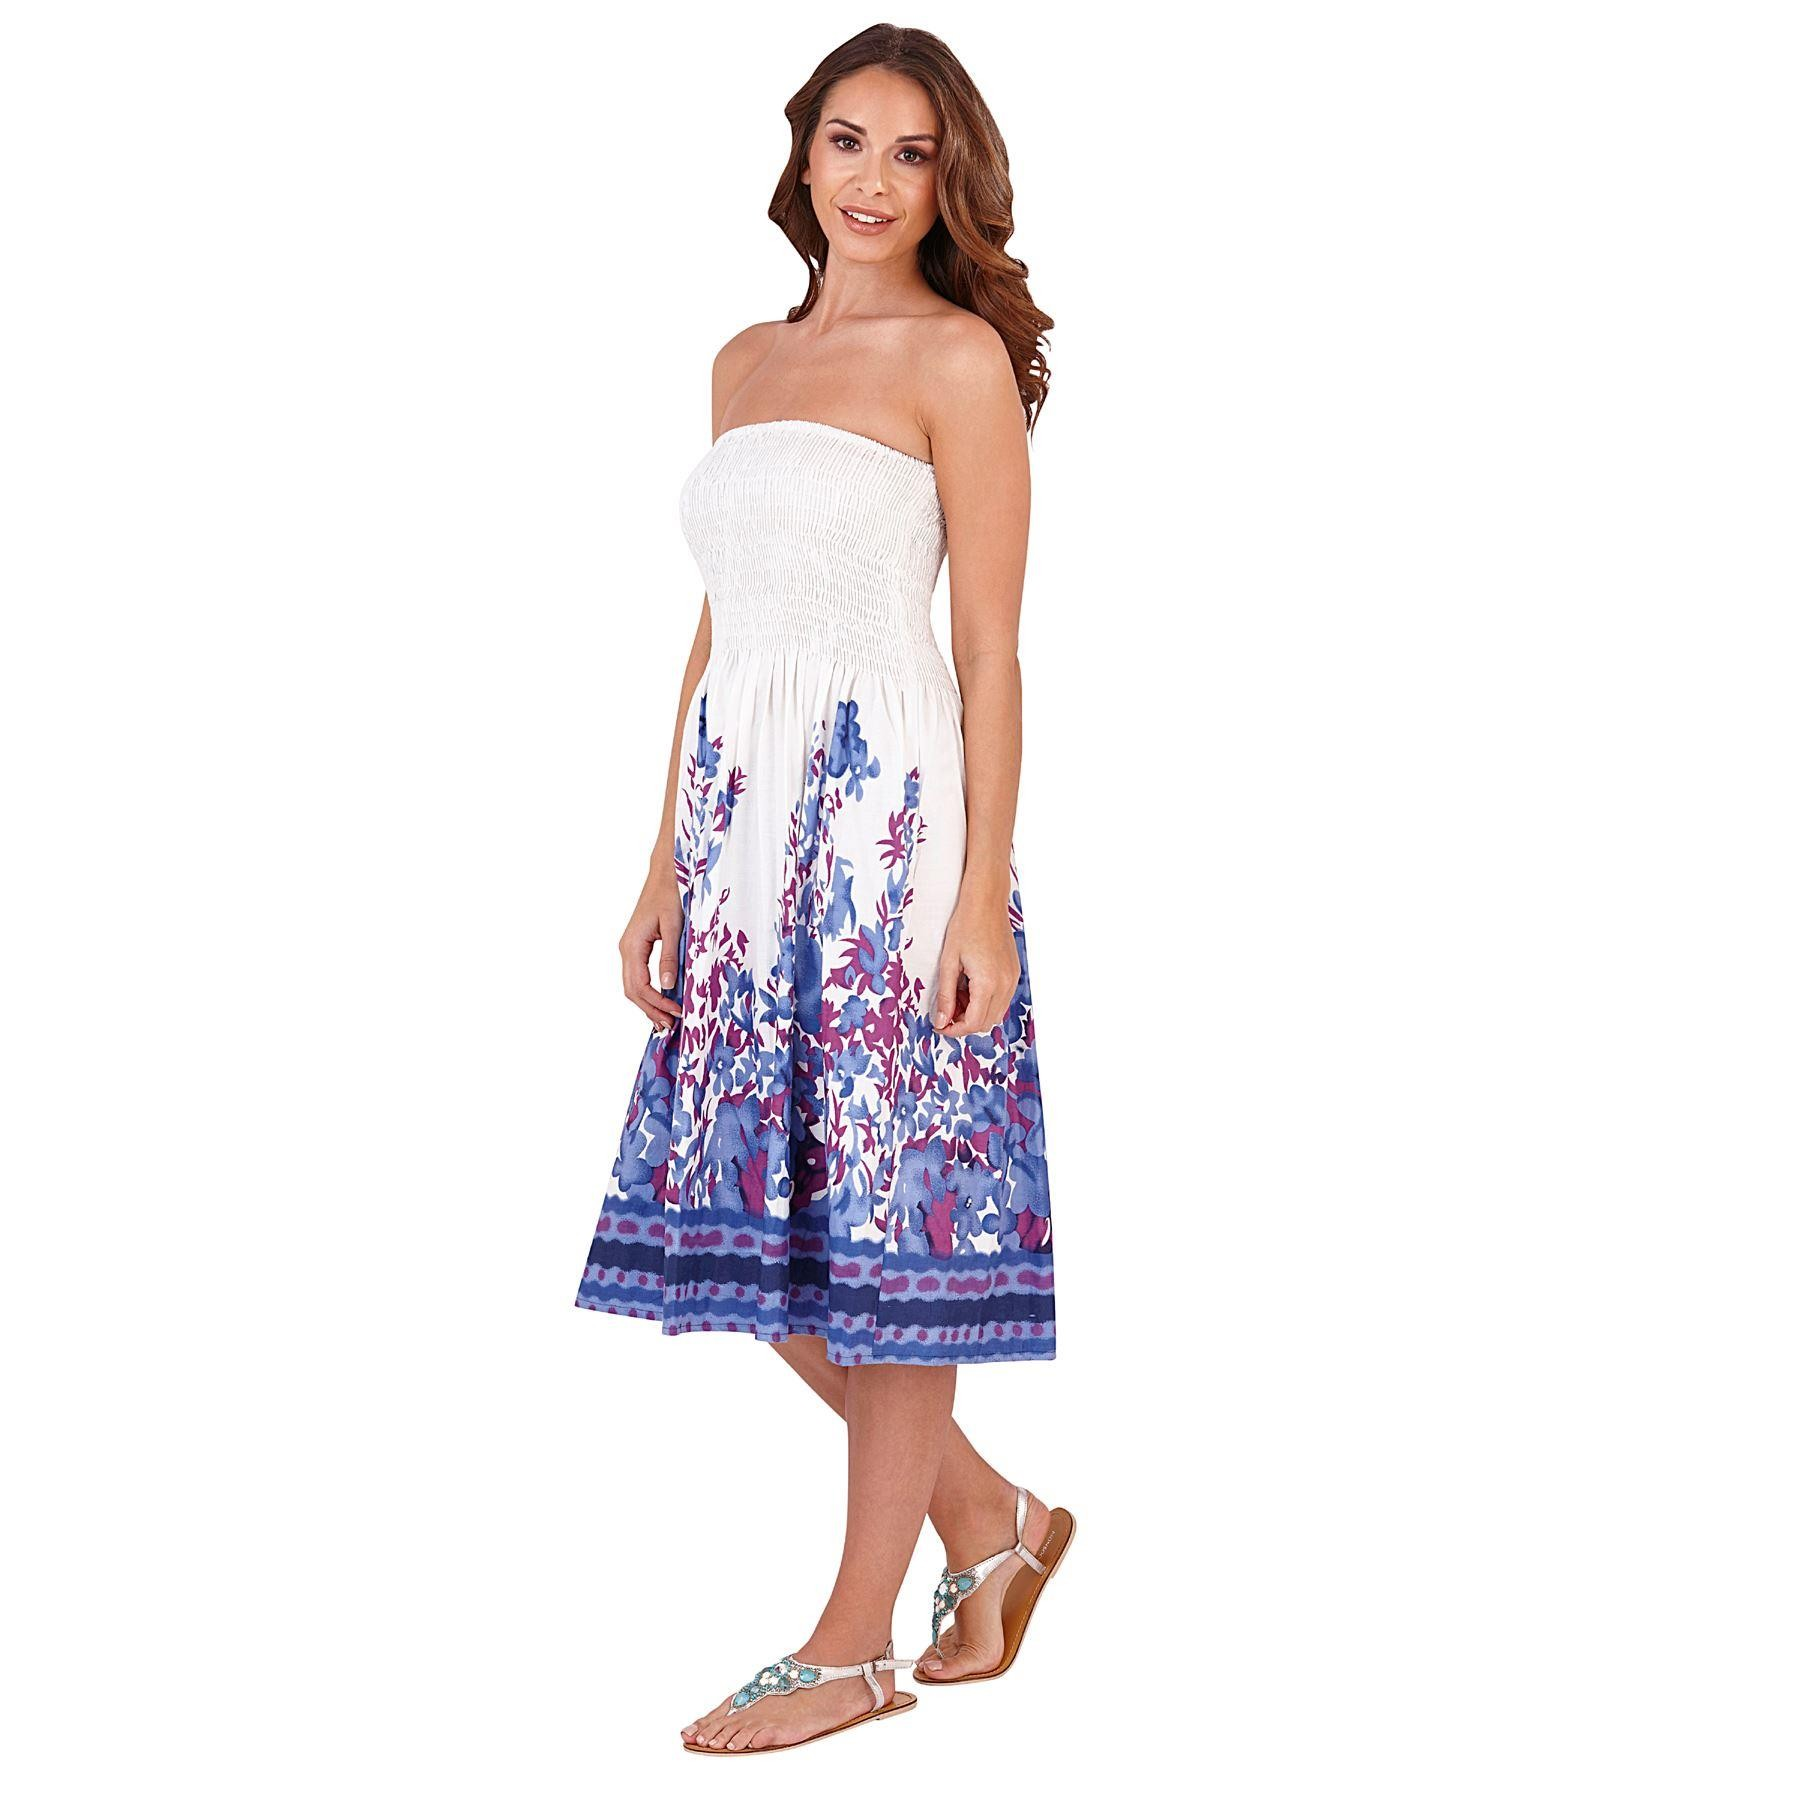 Pistachio Floral Print 3 in 1 Dress - Purple